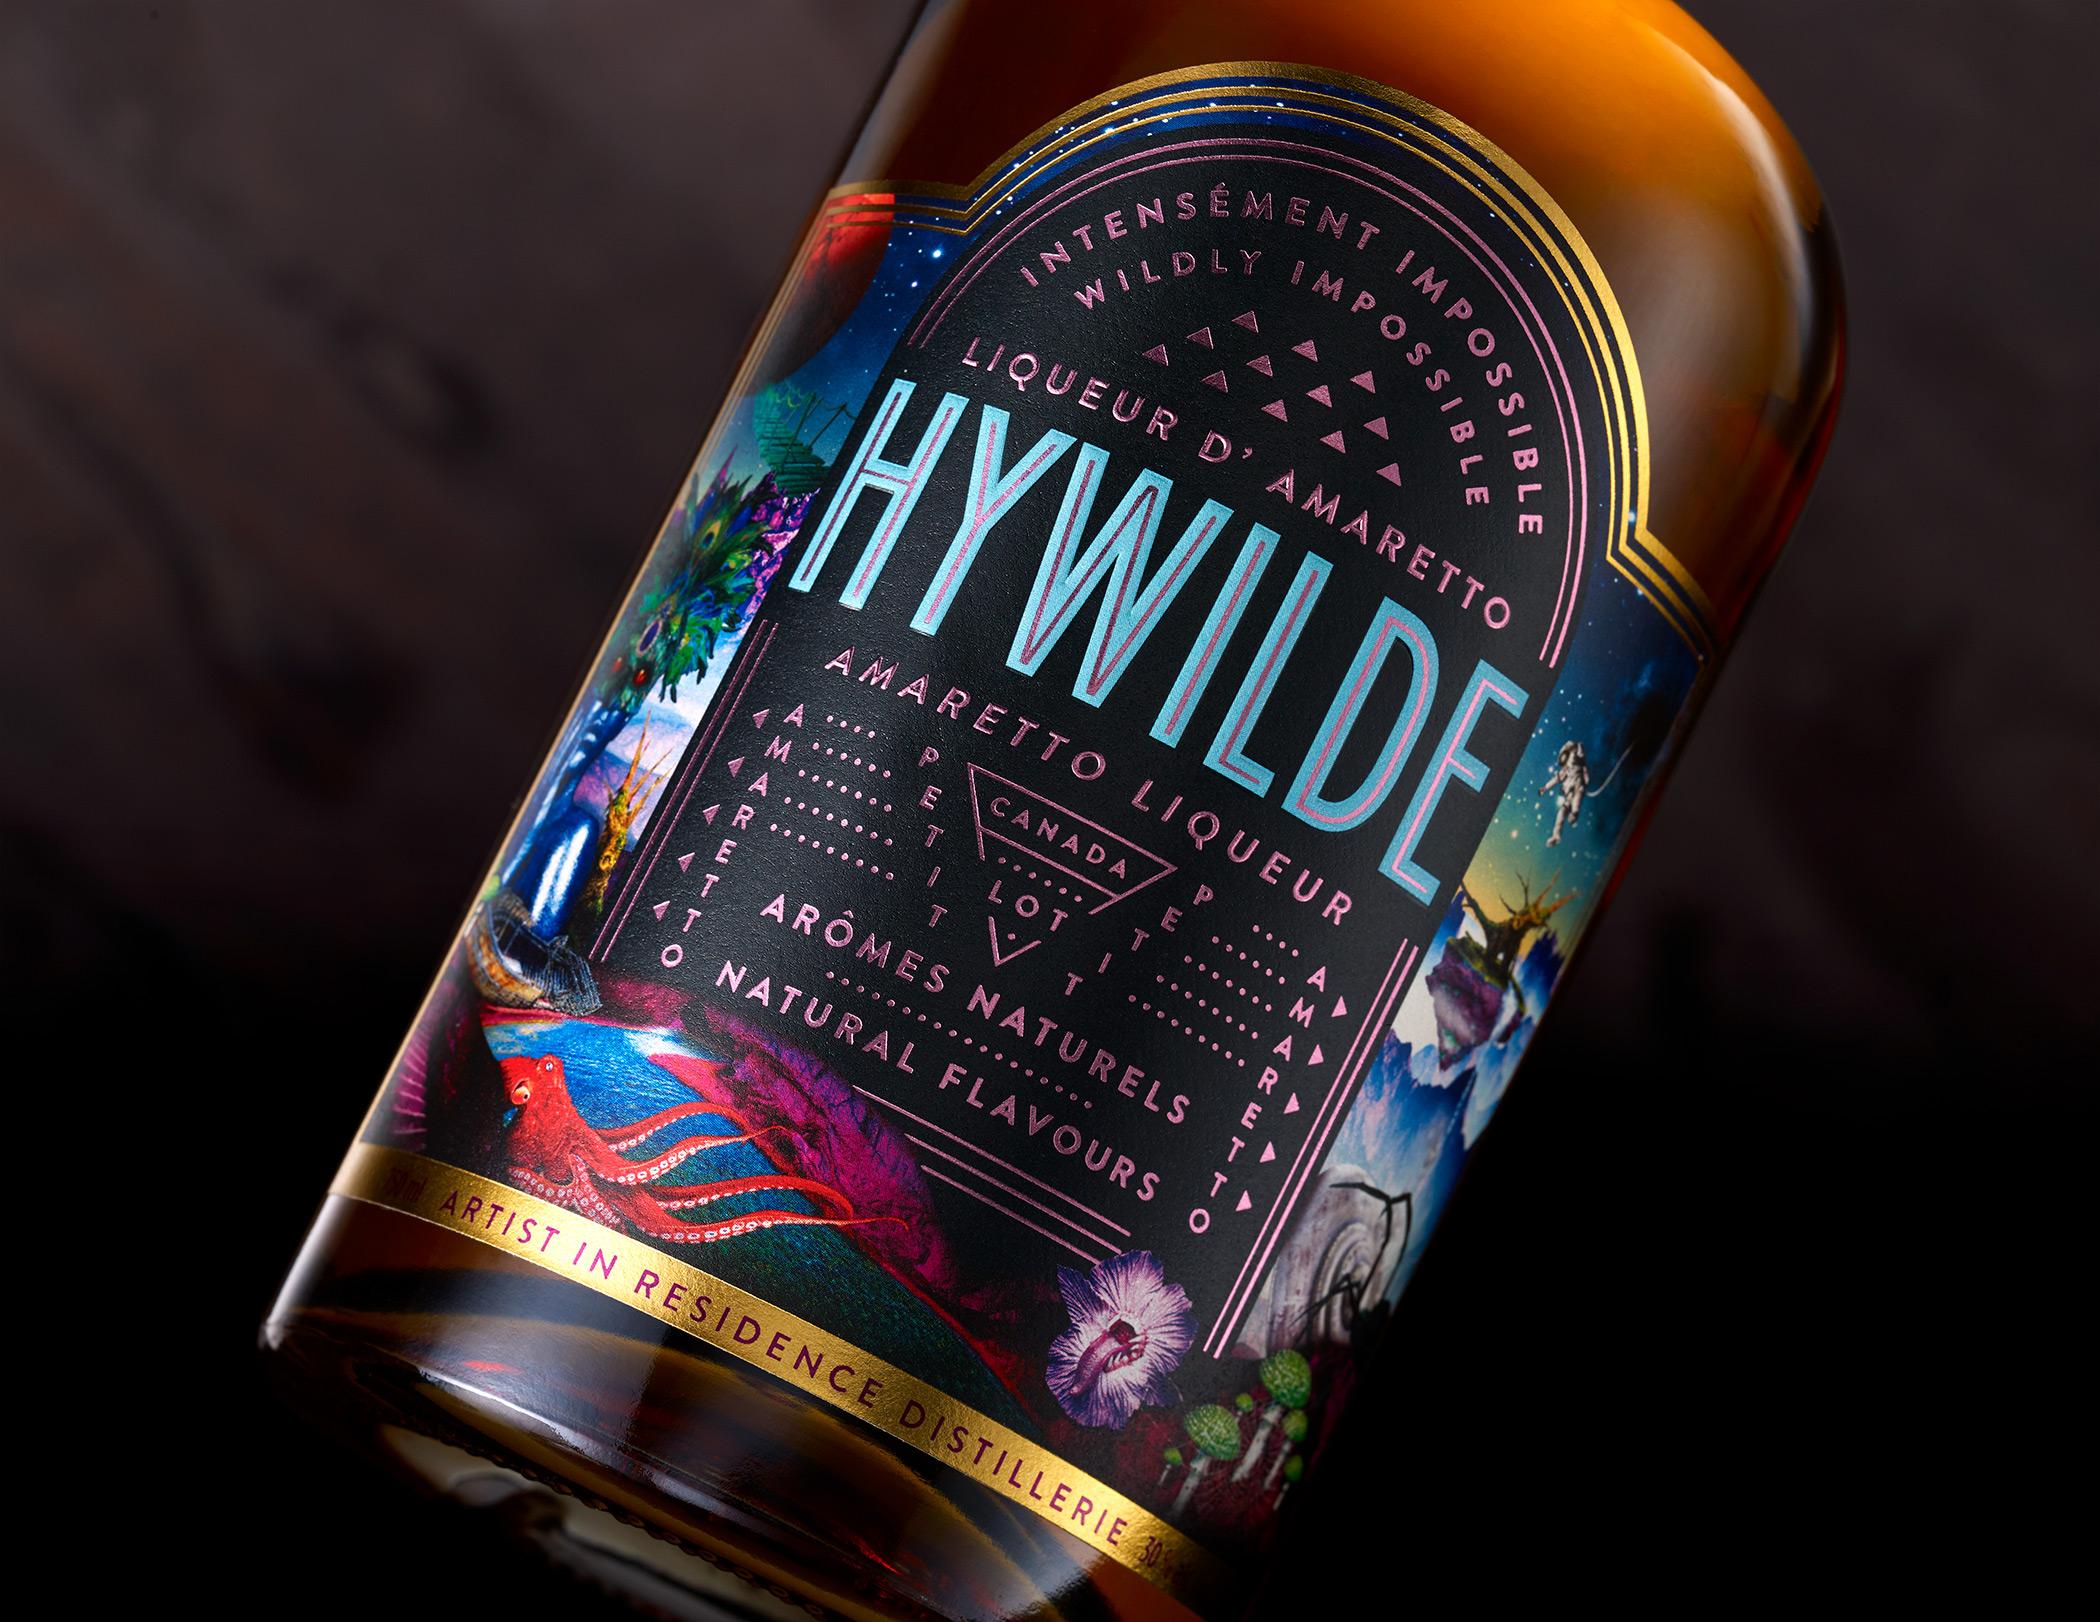 Hywilde Amaretto - Chad Michael Studio